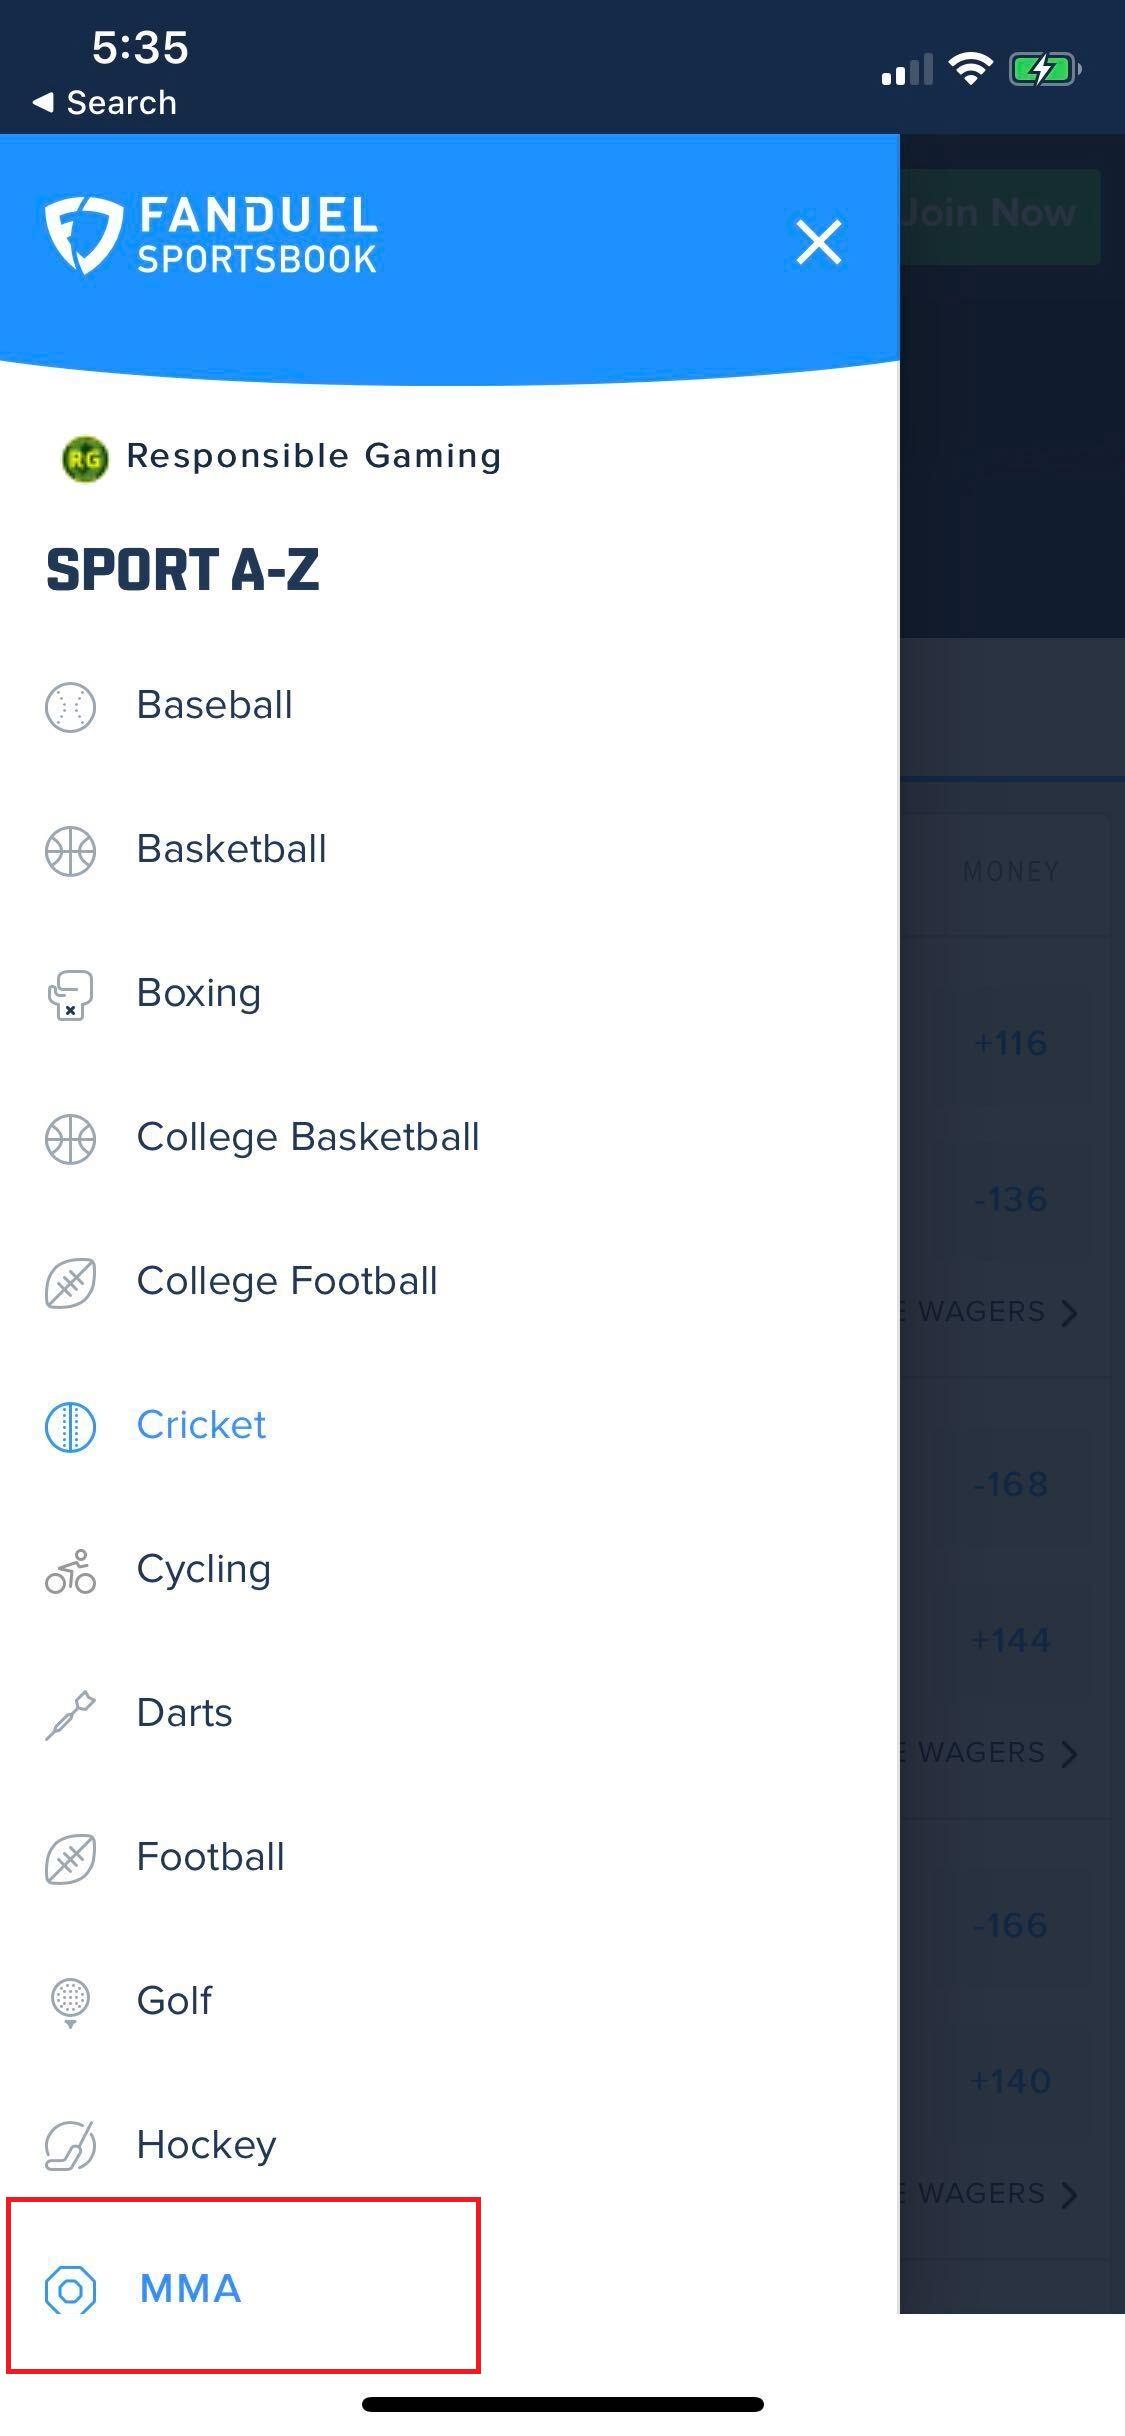 FanDuel Sportsbook App Menu